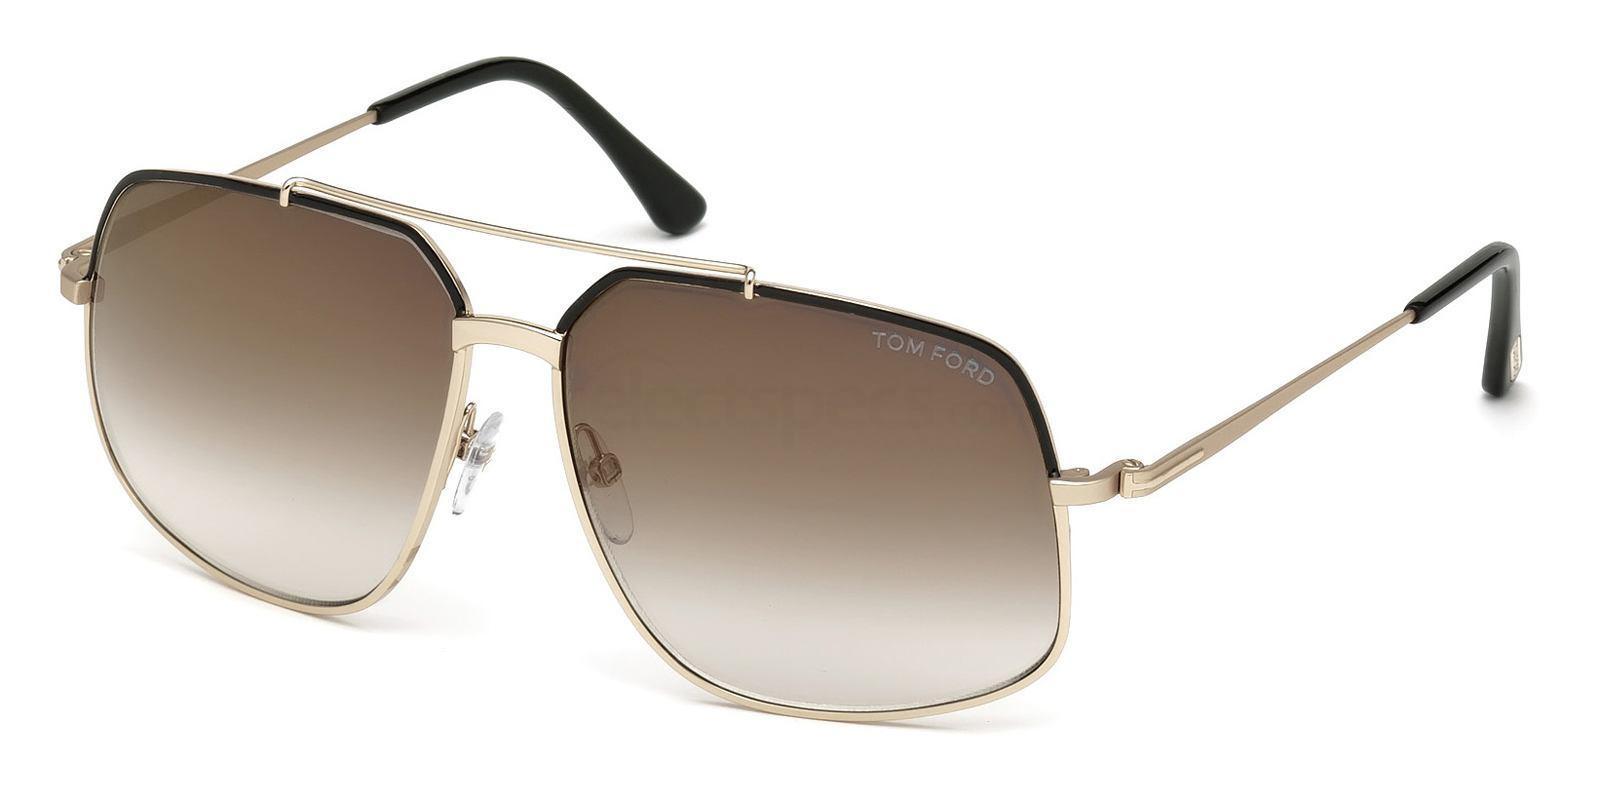 01G FT0439 Sunglasses, Tom Ford